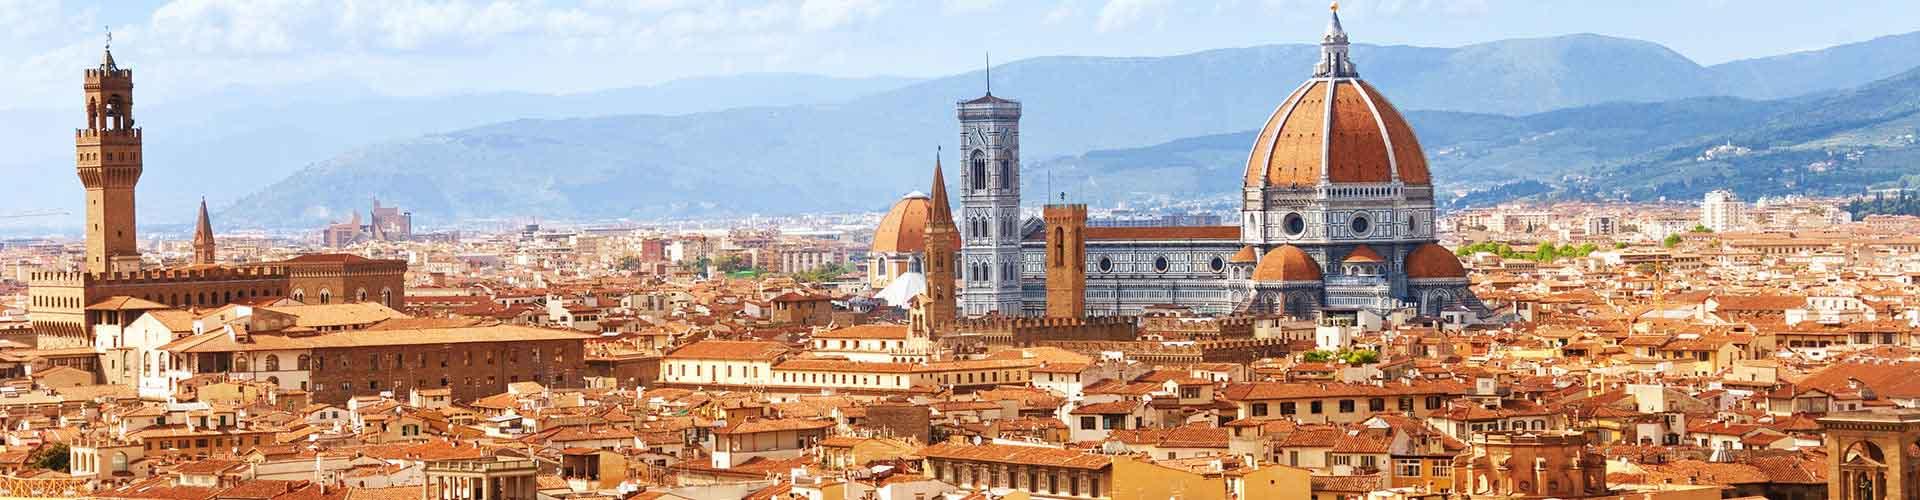 Florenz – Hostels in Florenz. Florenz auf der Karte. Fotos und Bewertungen für jedes Hostel in Florenz.